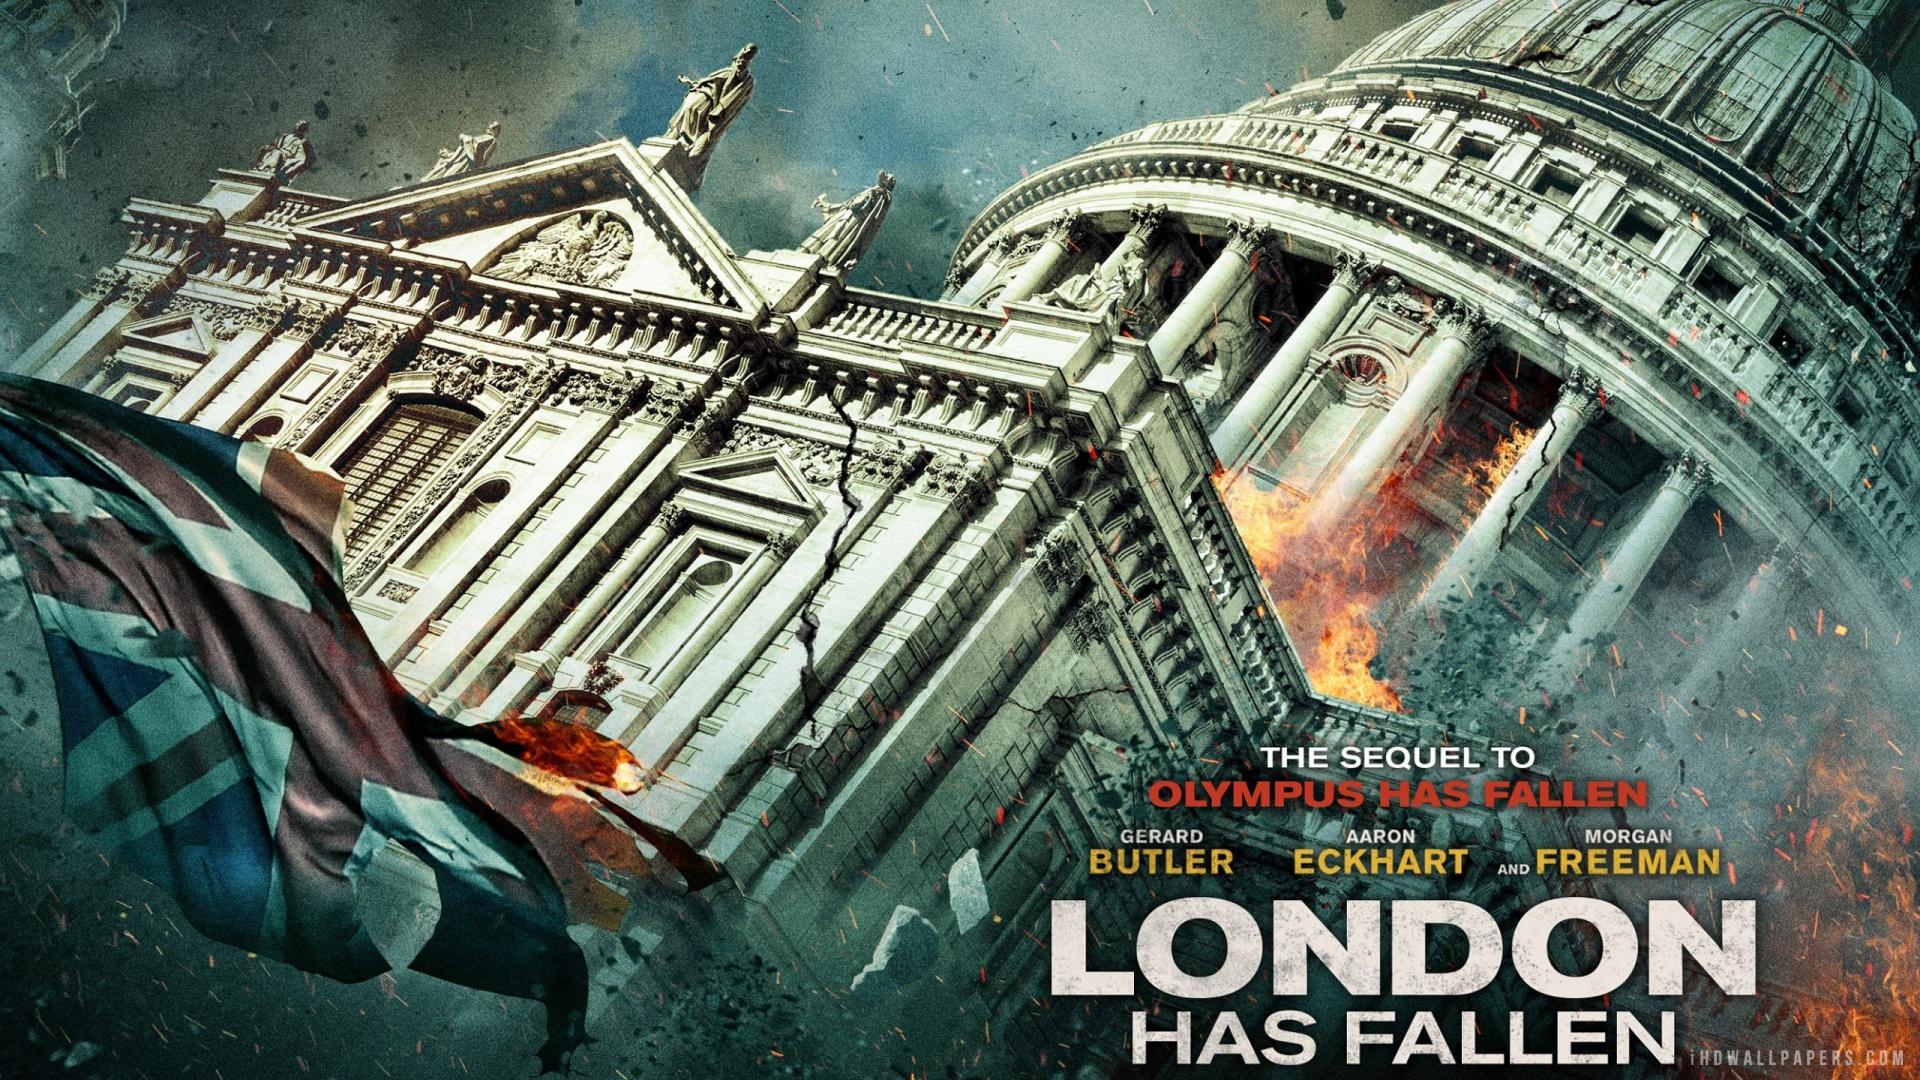 London Has Fallen 2015 HD Wallpaper   iHD Wallpapers 1920x1080